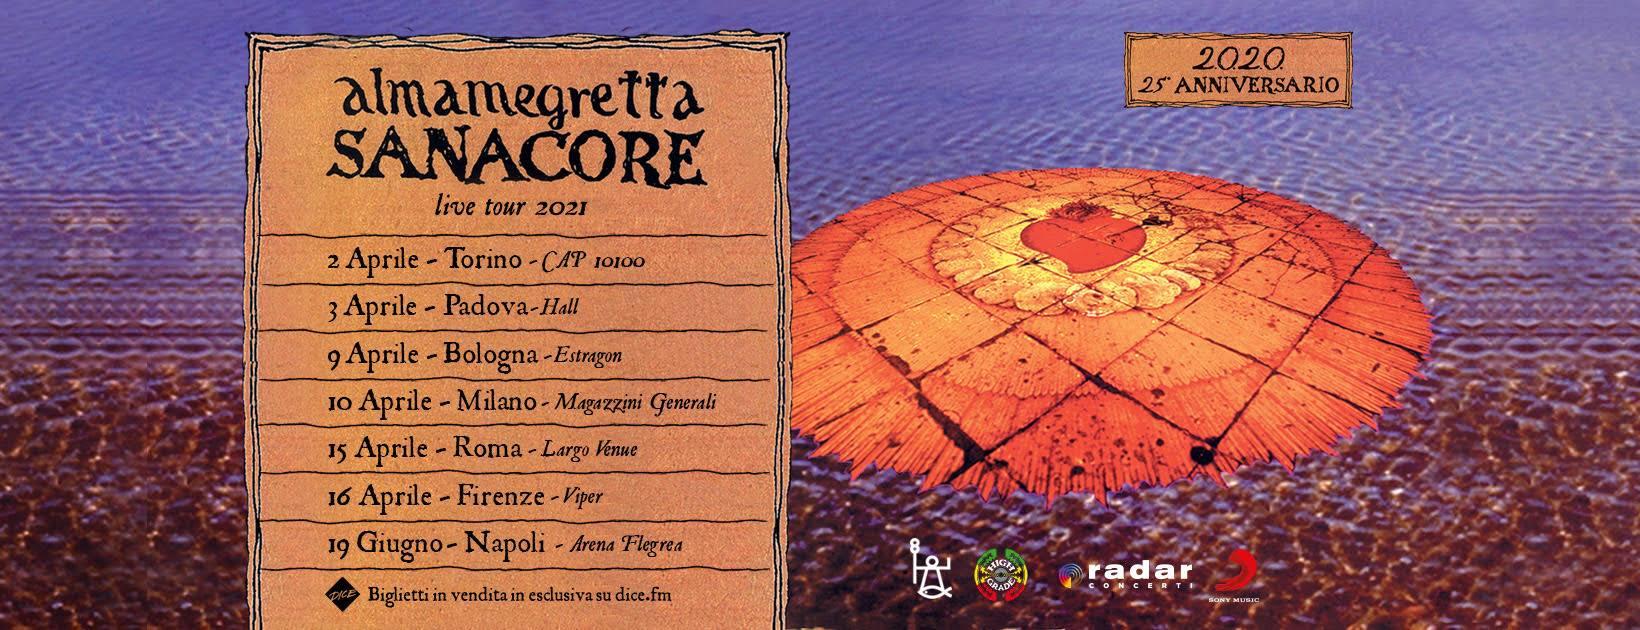 Almamegretta, Sanacore live tour 2021, Estragon Club Bologna